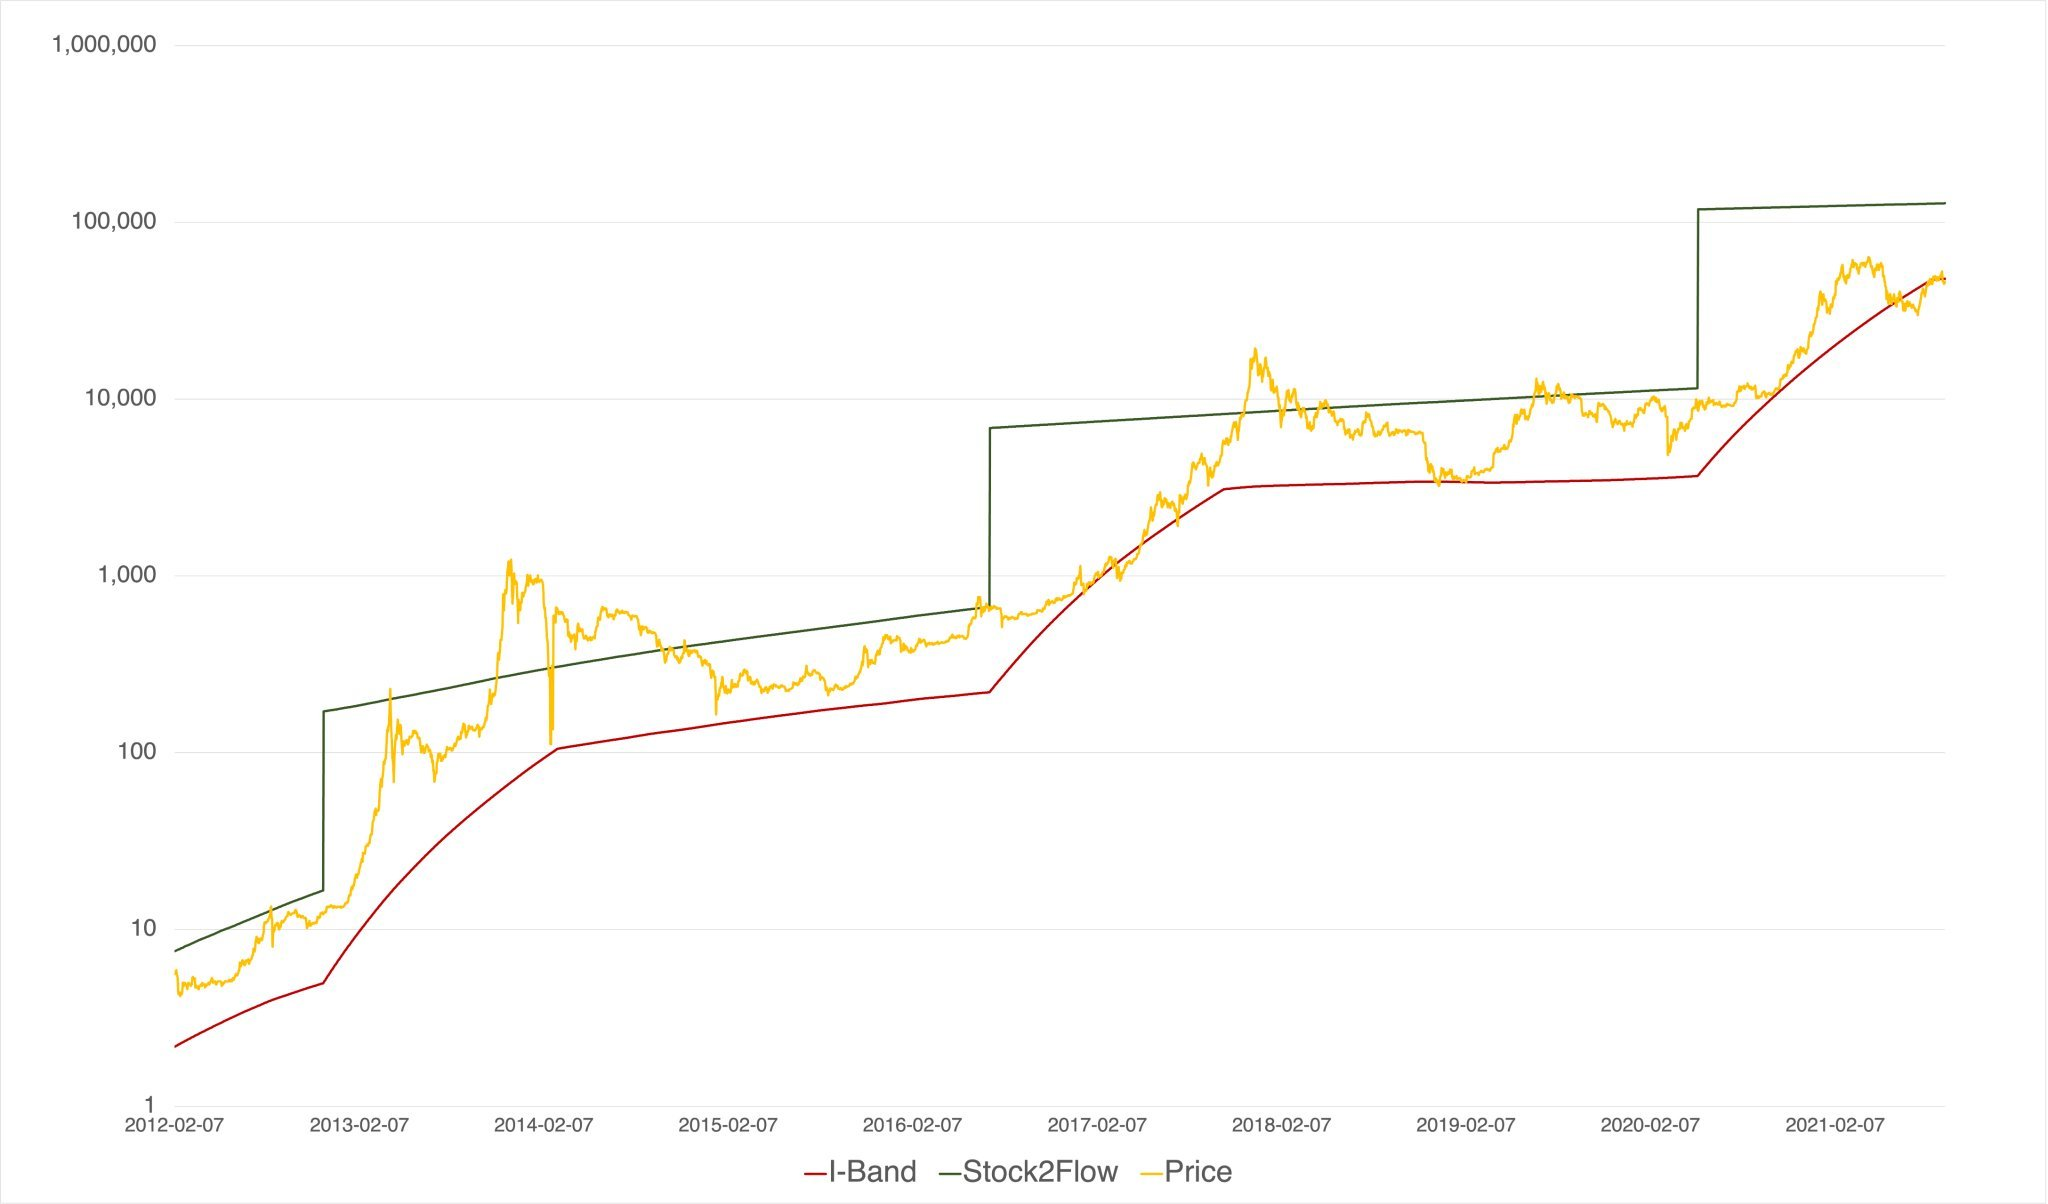 Grafico del prezzo minimo di Bitcoin basato sull'offerta illiquida